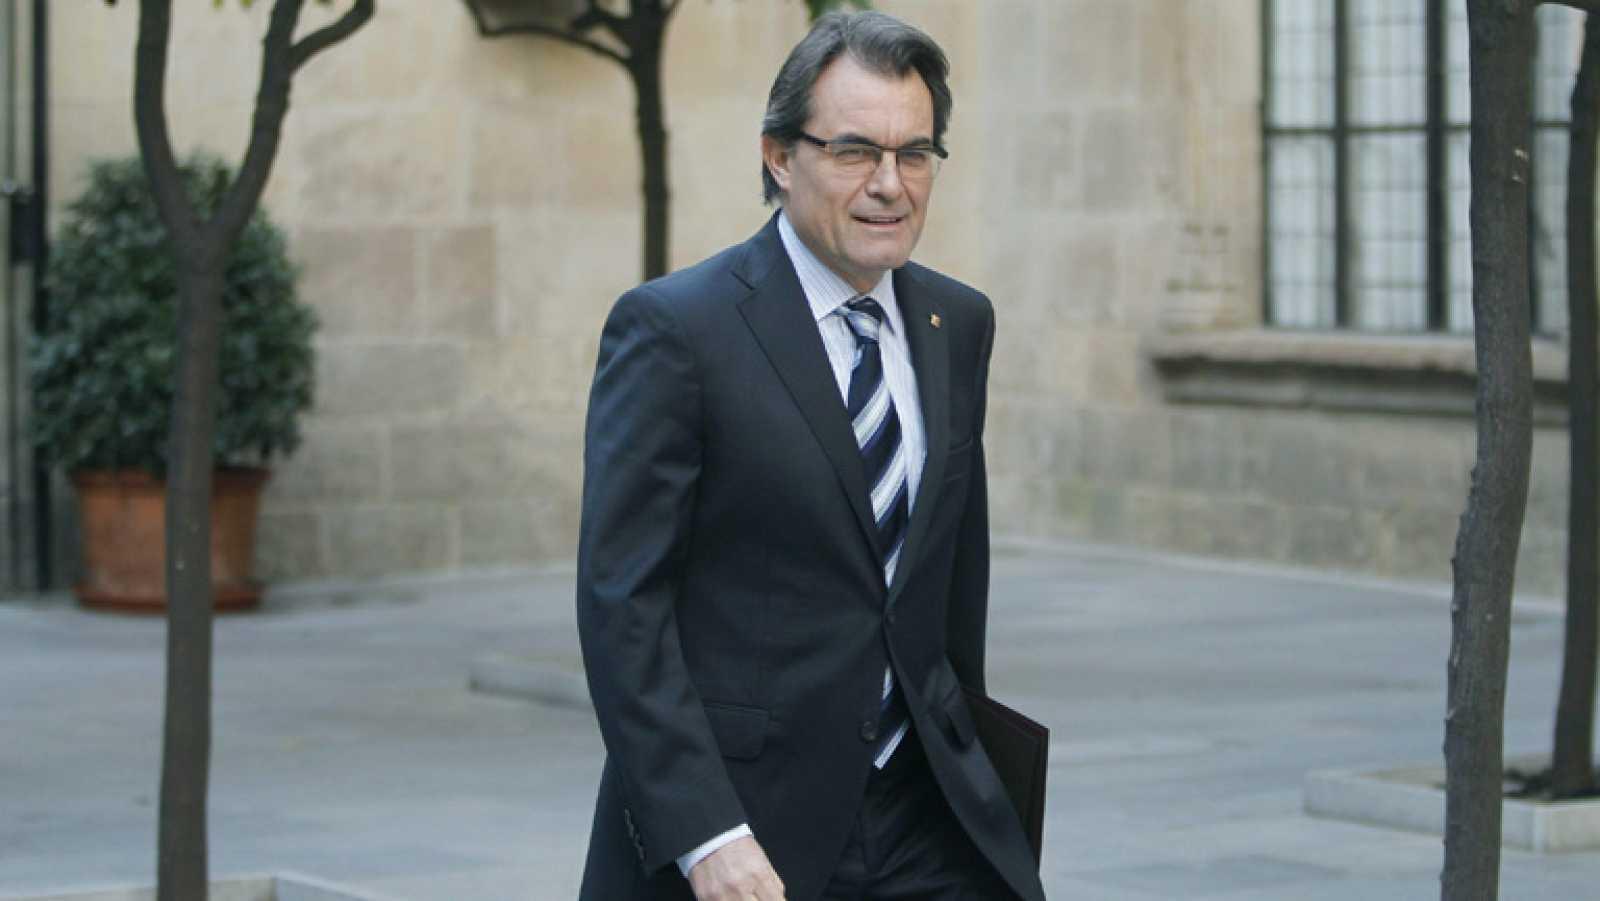 Rajoy y Artur Mas se reunirán en el Palacio de la Moncloa el 1 de febrero